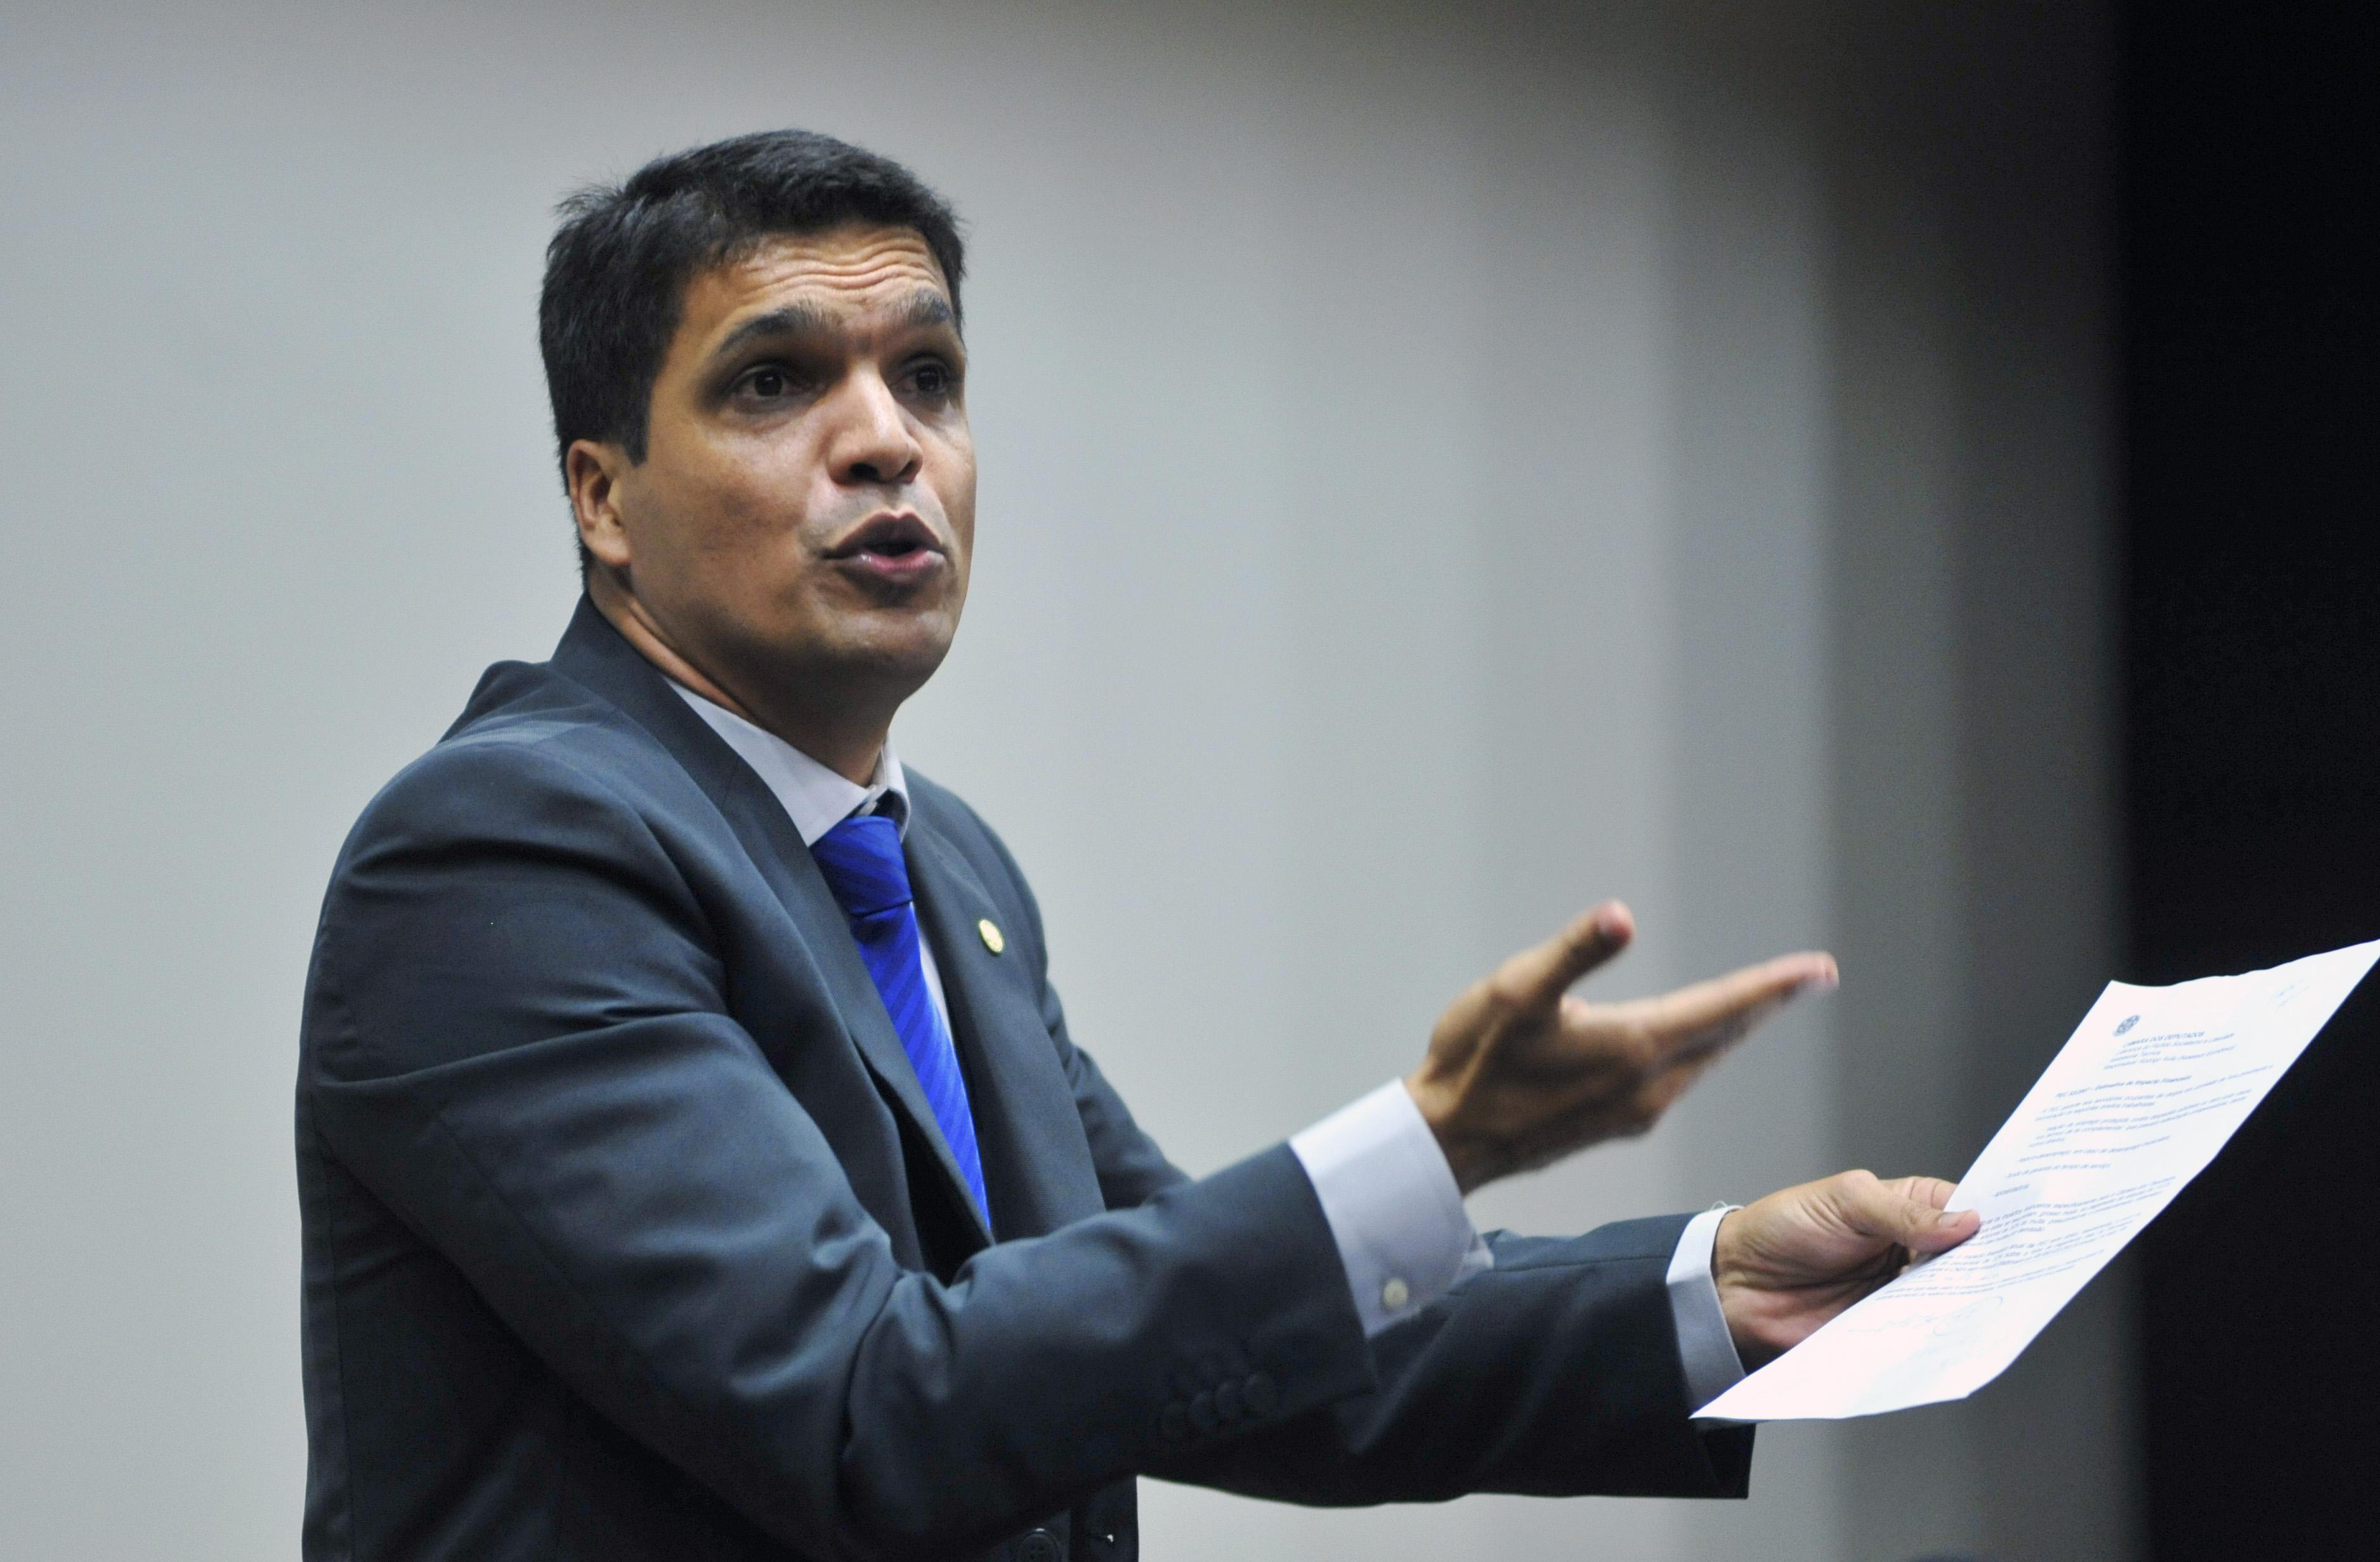 cabo daciolo - Cabo Daciolo pede ao TSE anulação do 1º turno das eleições por fraude